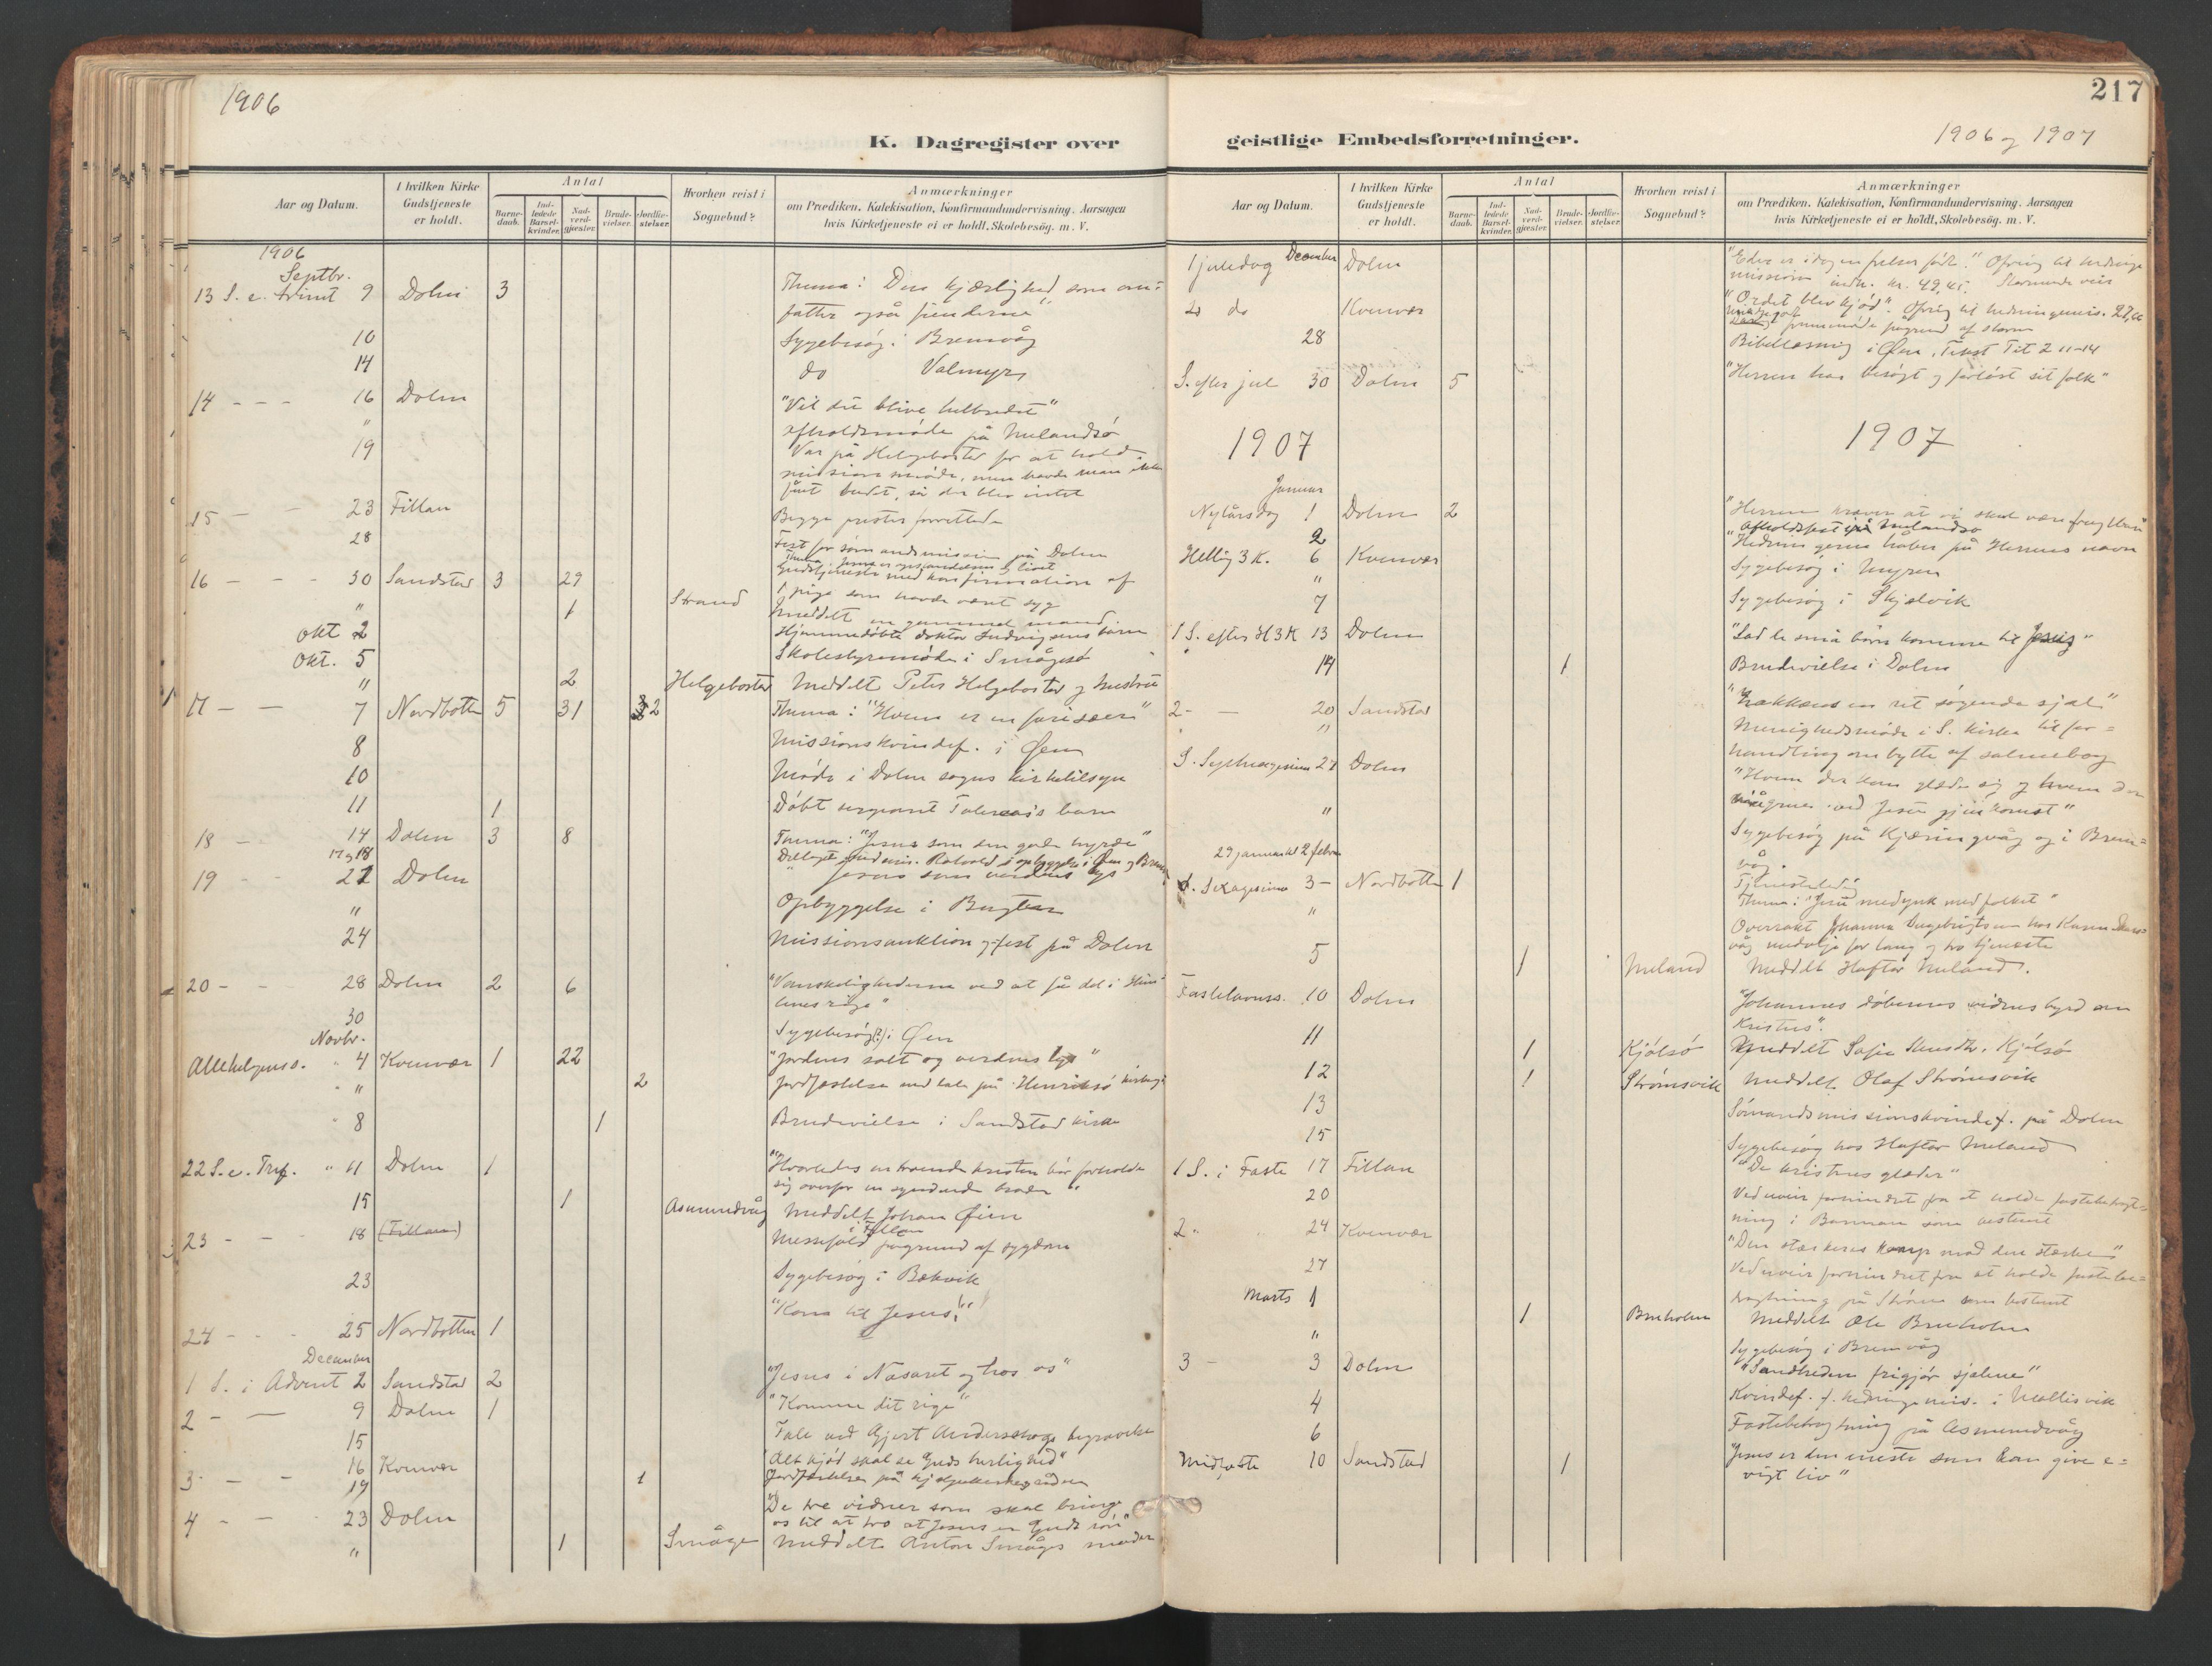 SAT, Ministerialprotokoller, klokkerbøker og fødselsregistre - Sør-Trøndelag, 634/L0537: Ministerialbok nr. 634A13, 1896-1922, s. 217